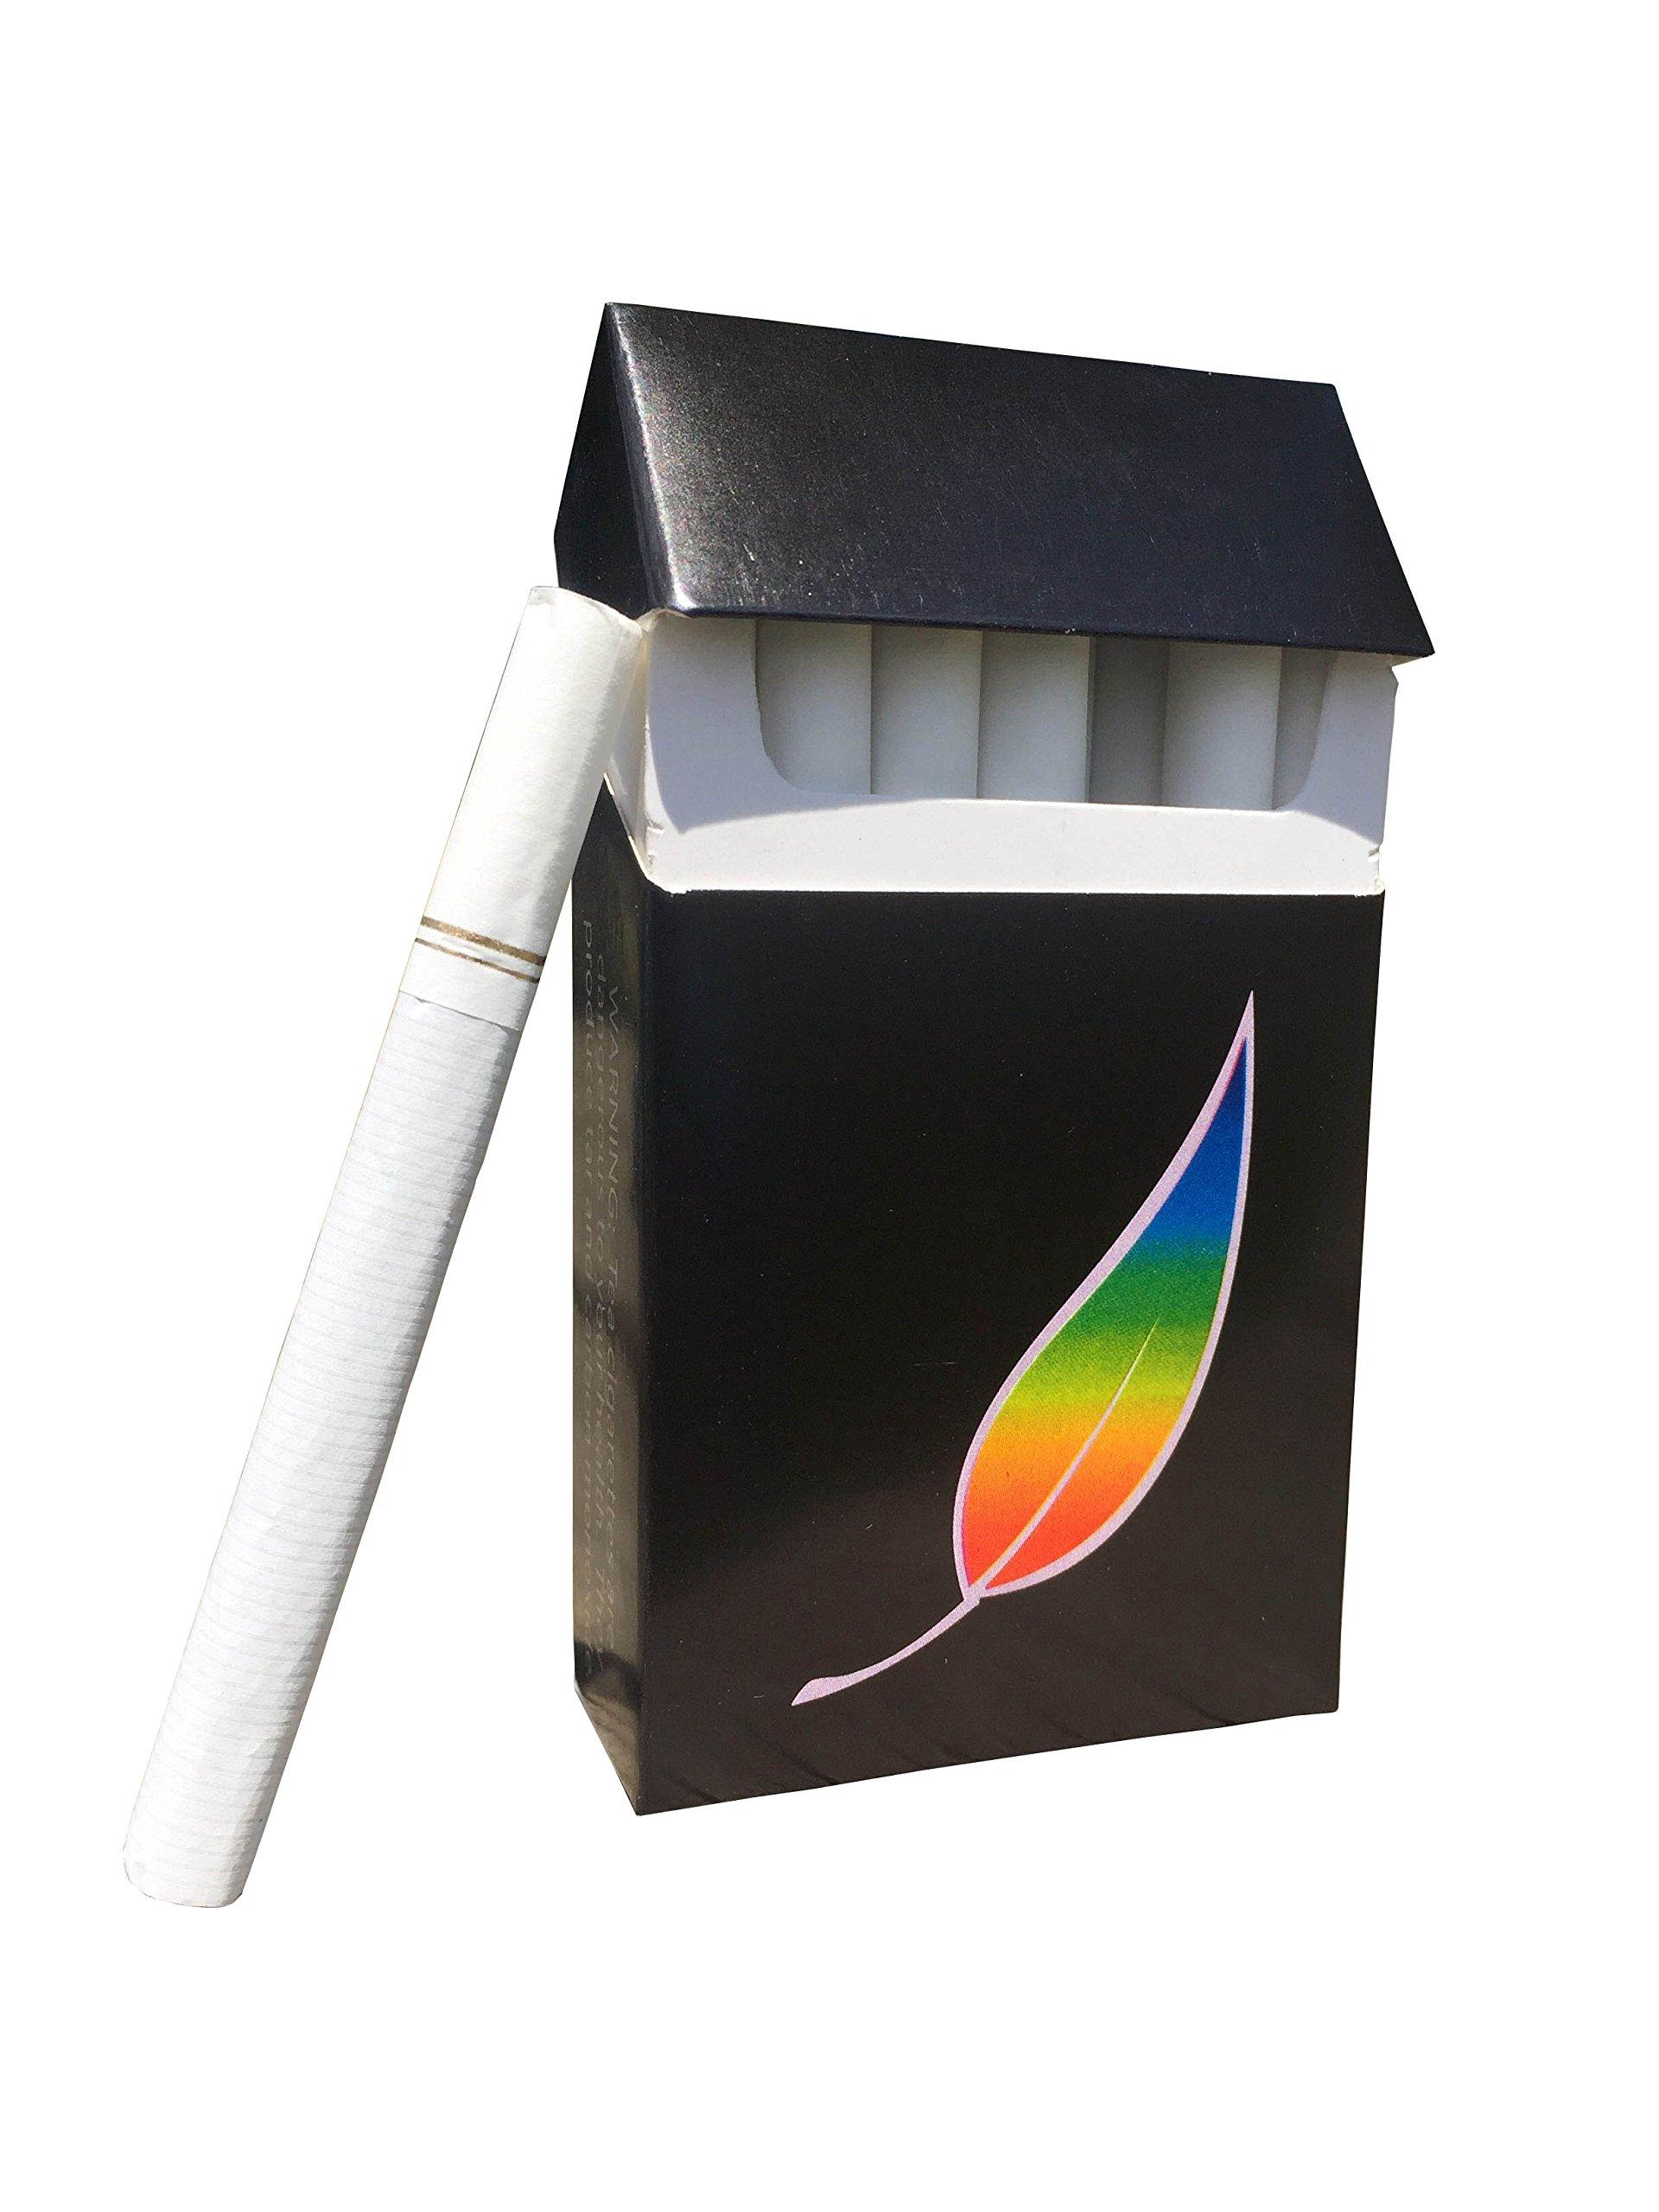 AMERICAN BILLY - Regular Black Tea Herbal Cigarettes (Sold by the Carton) -Non Tobacco - Non Nicotine Cigarette Alternatives